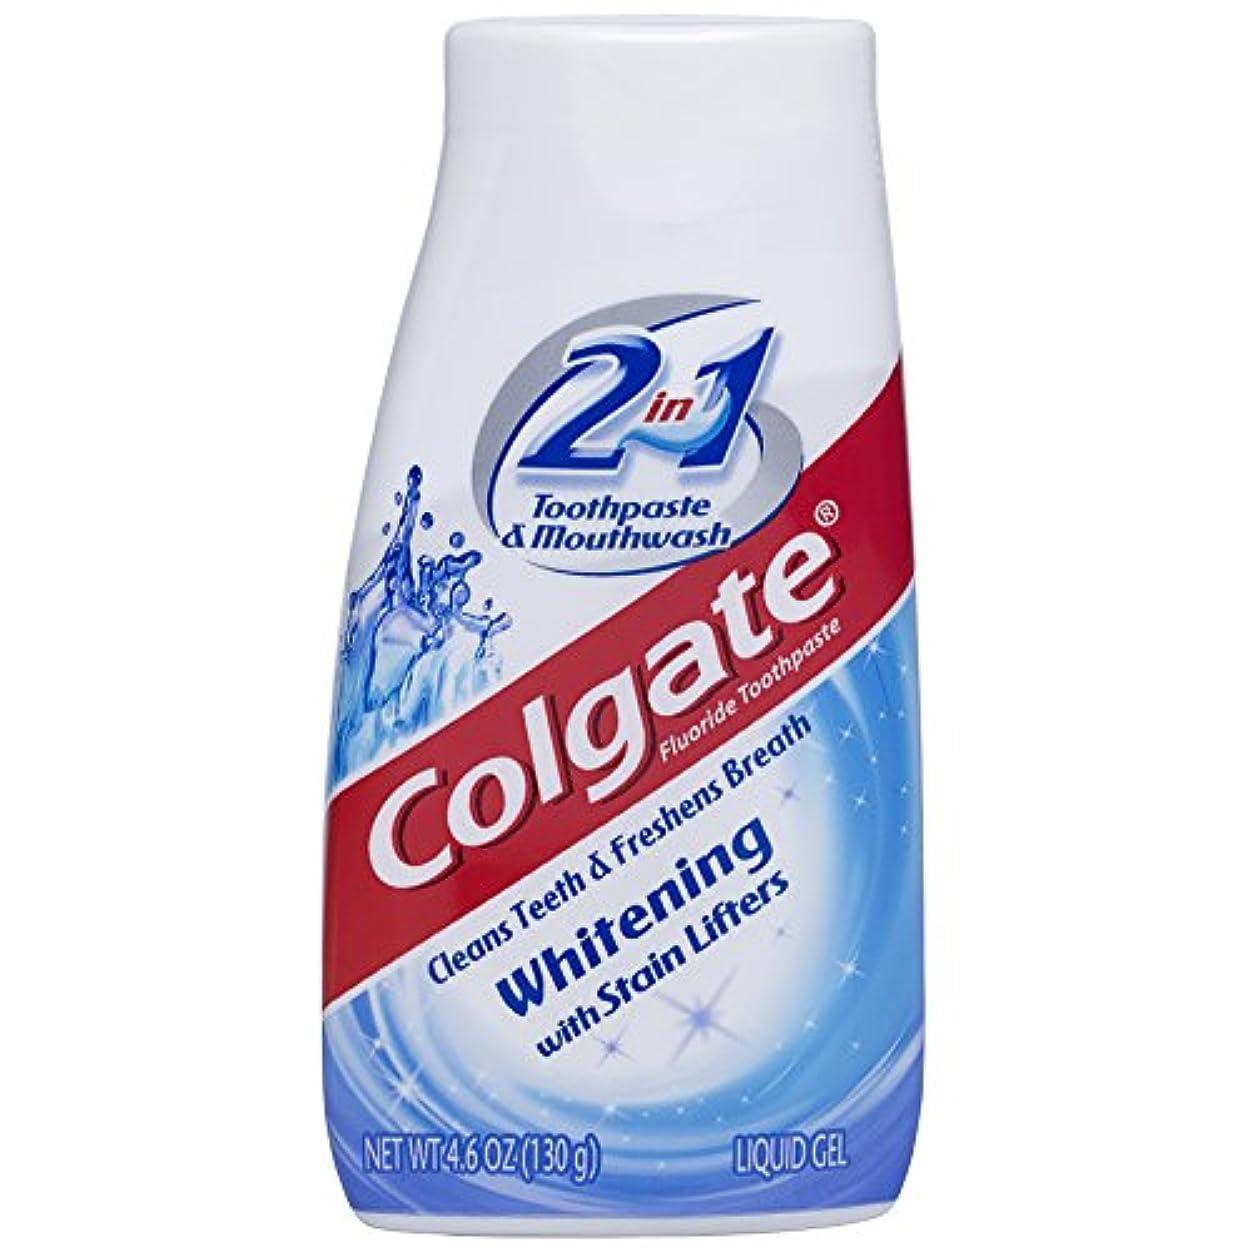 拒絶高く土海外直送品Colgate 2 In 1 Toothpaste & Mouthwash Whitening, 4.6 oz by Colgate